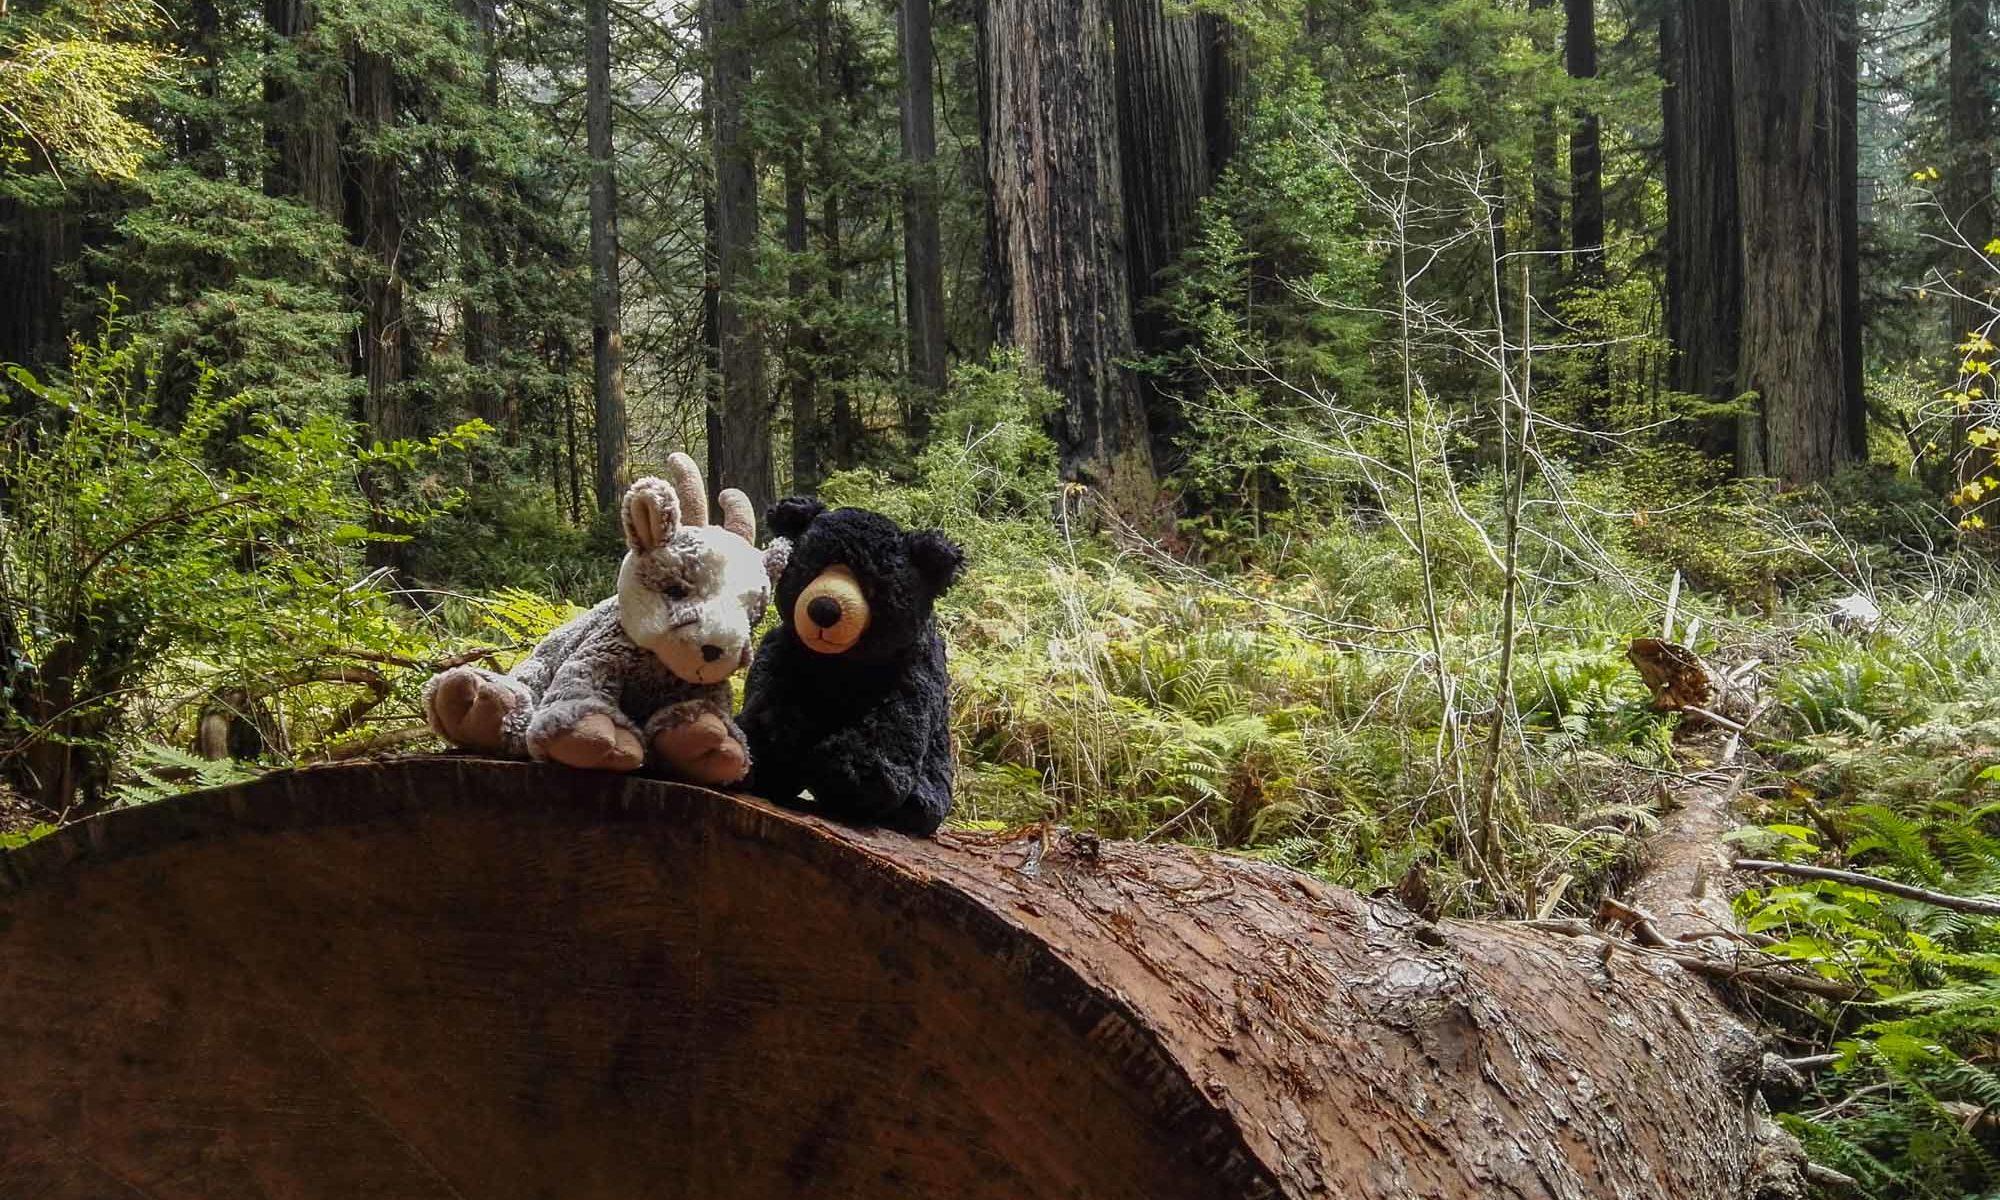 Balznerbock und Beary sitzen auf einem grossen umgefallenen Baumstamm